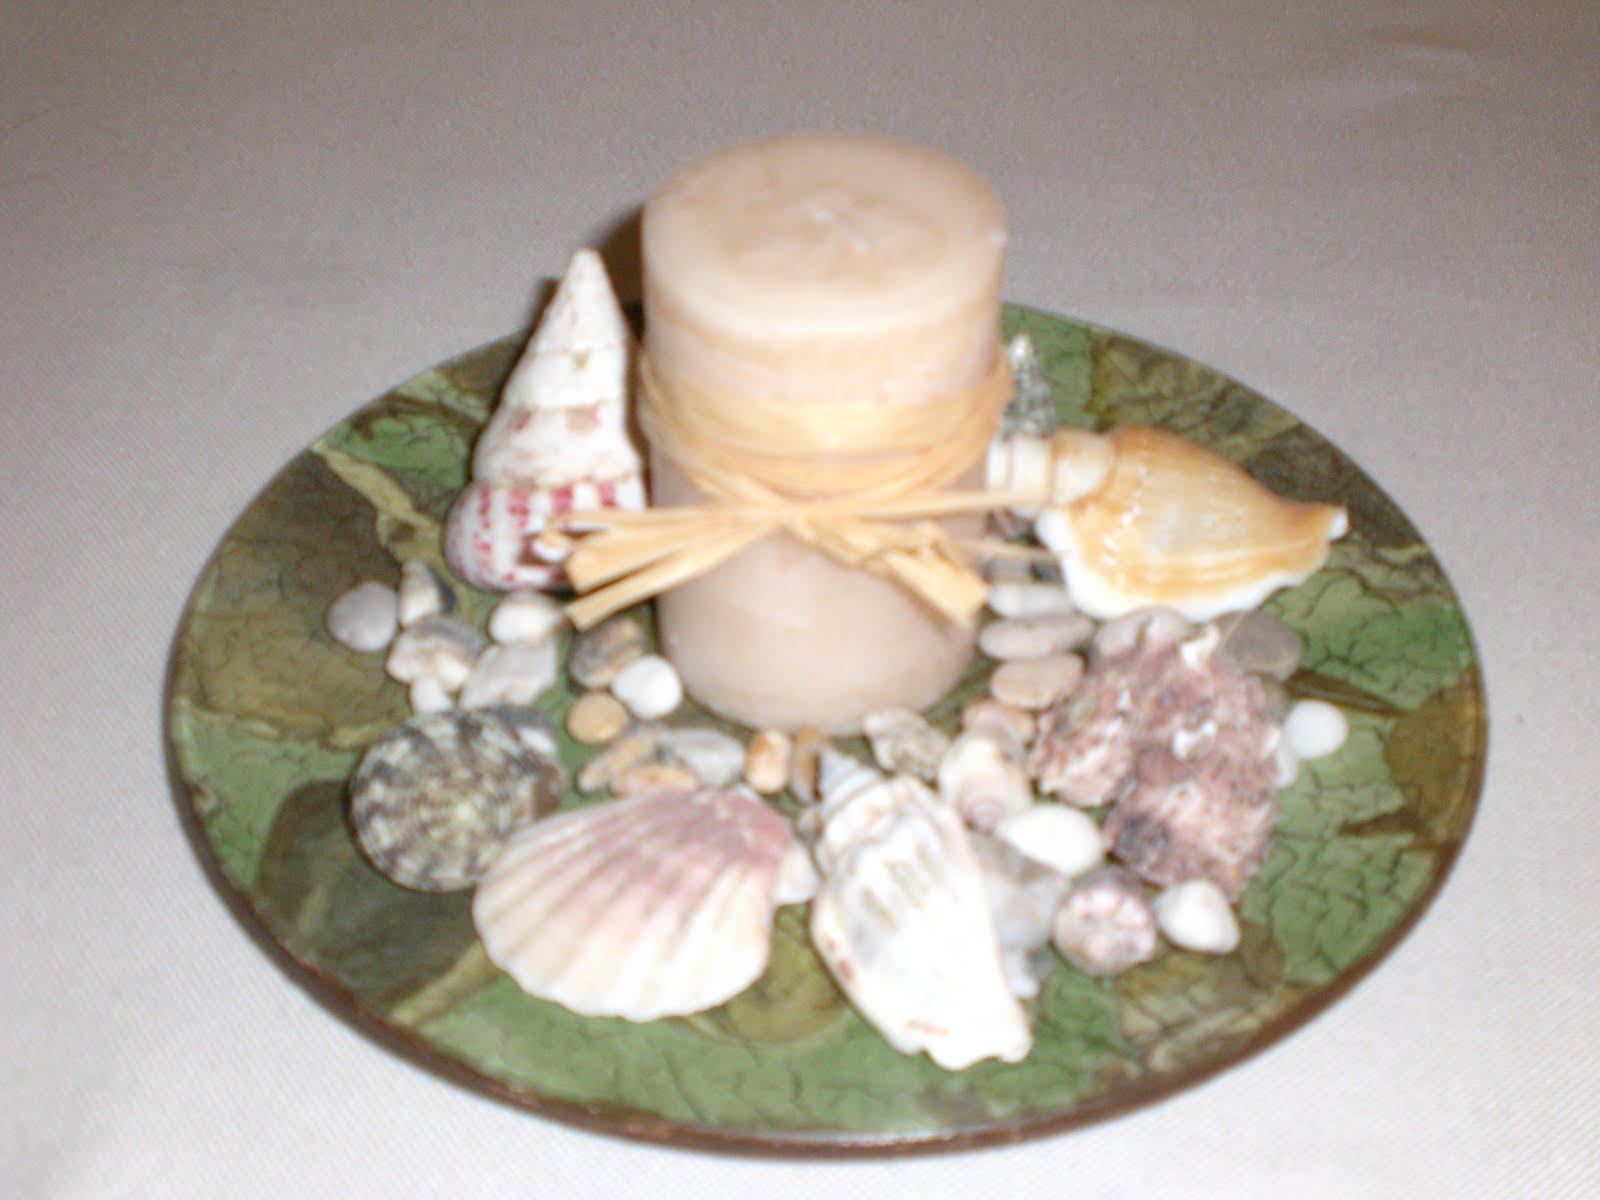 Pin manualidades con conchas de mar la manualidad roldan - Manualidades con conchas ...